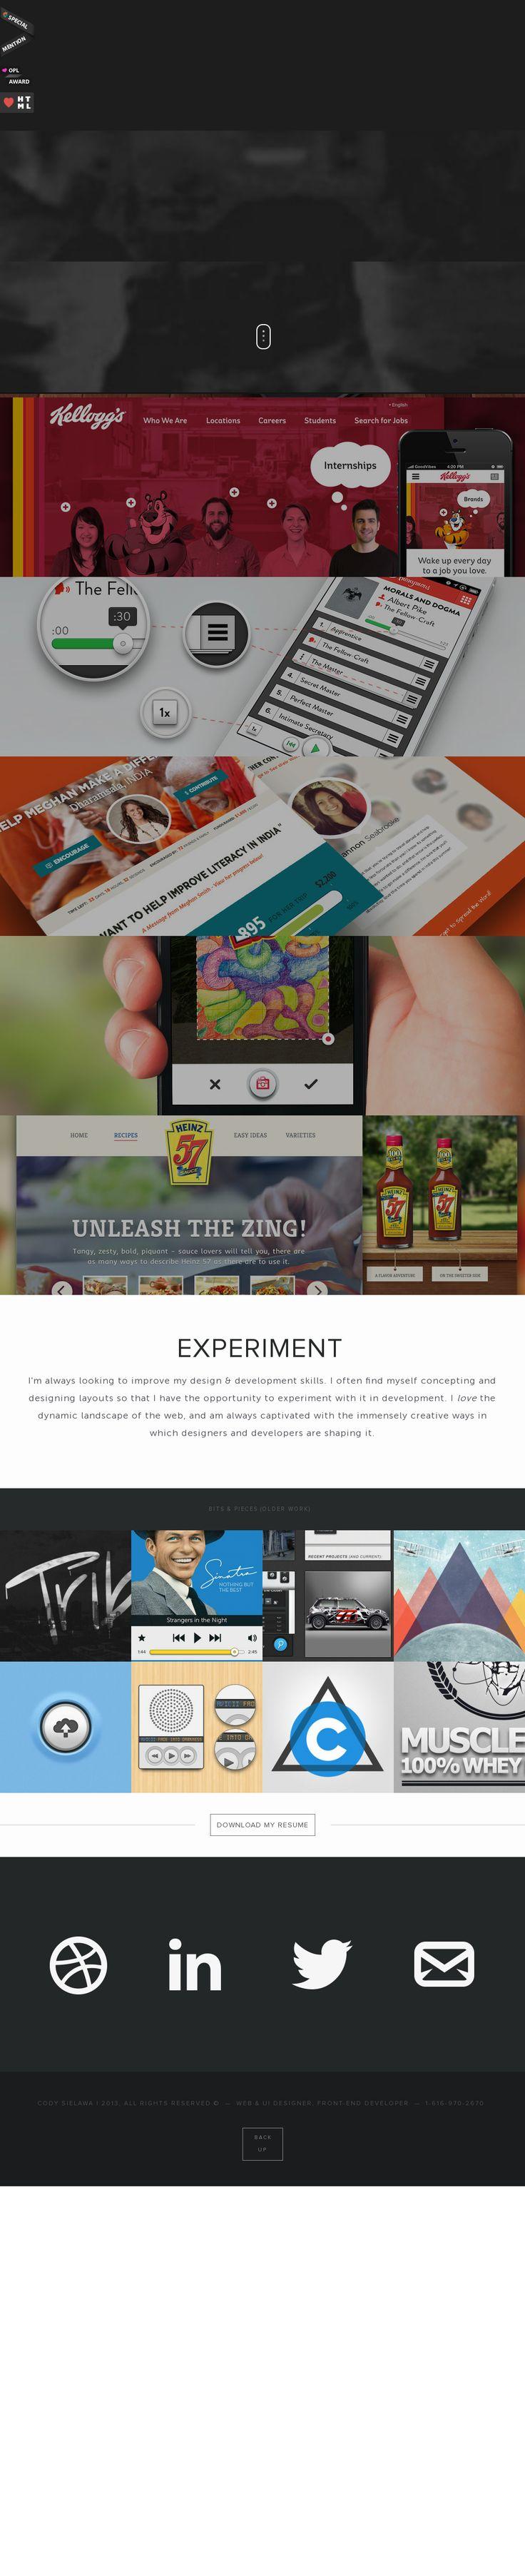 Character Design Portfolio Websites : Best self promotion online resume portfolio images